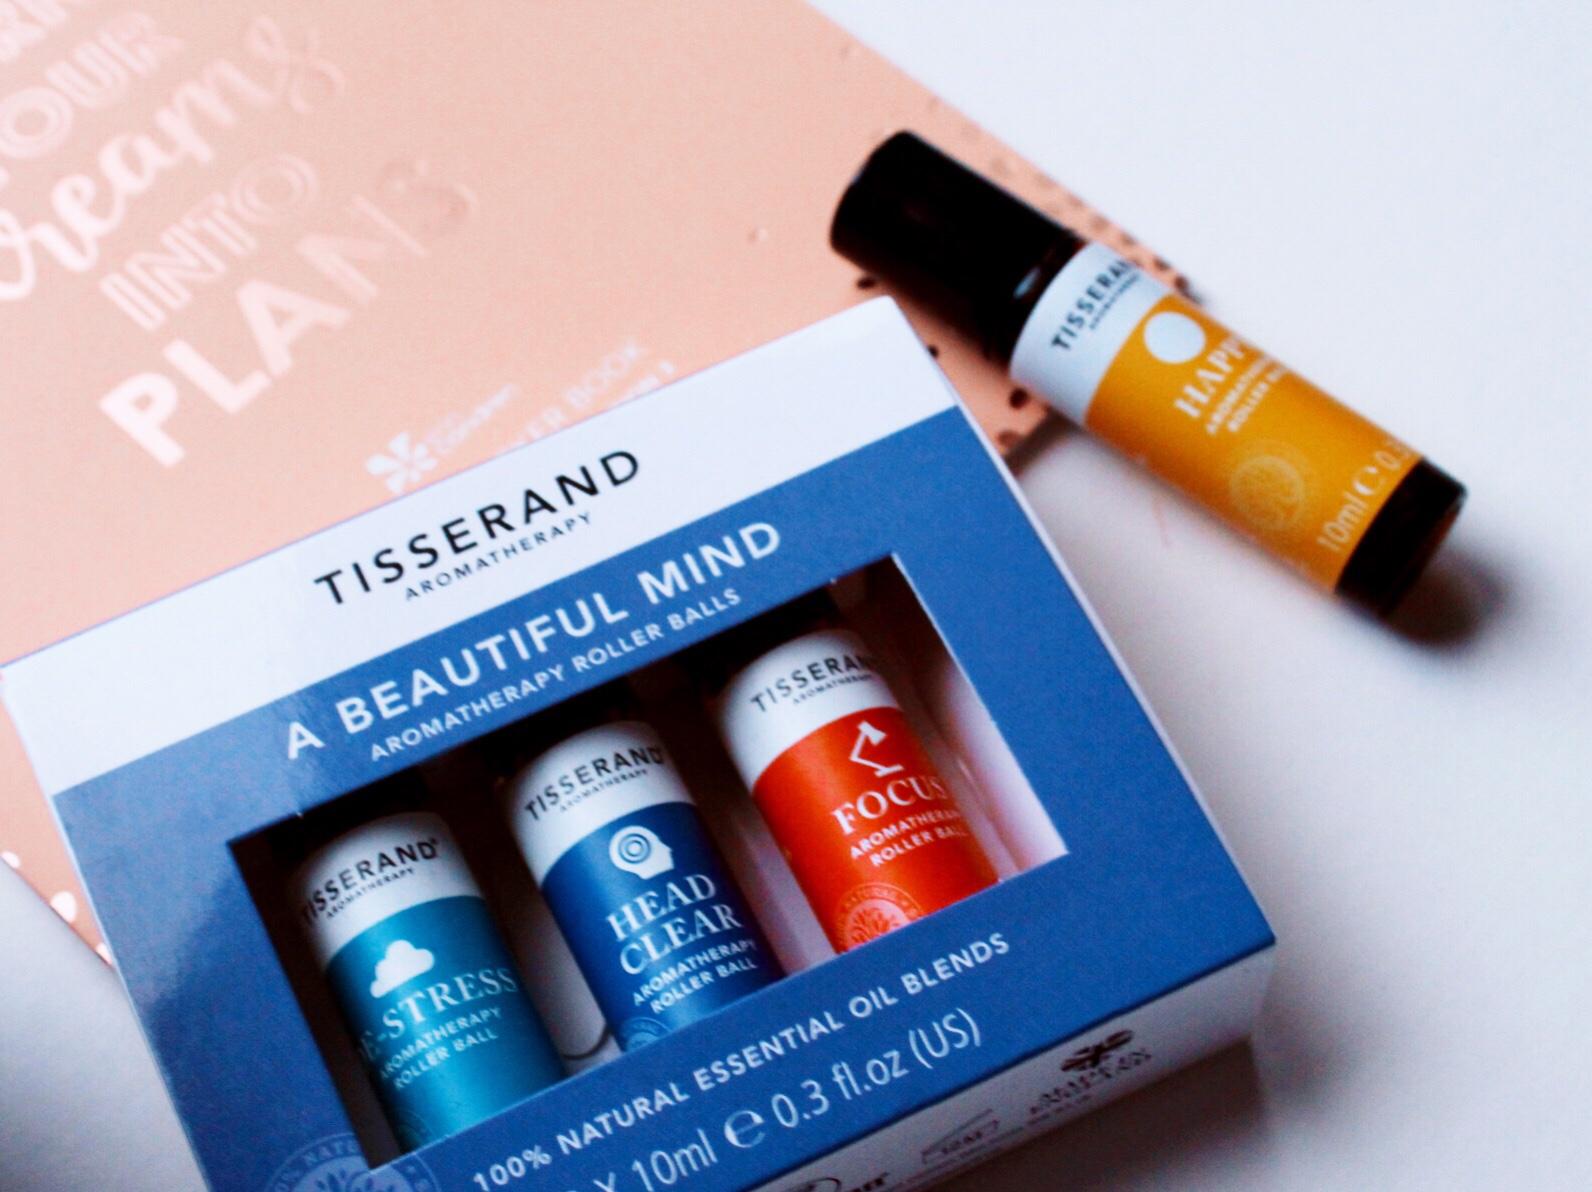 Tisserand A Beautiful Mind Set